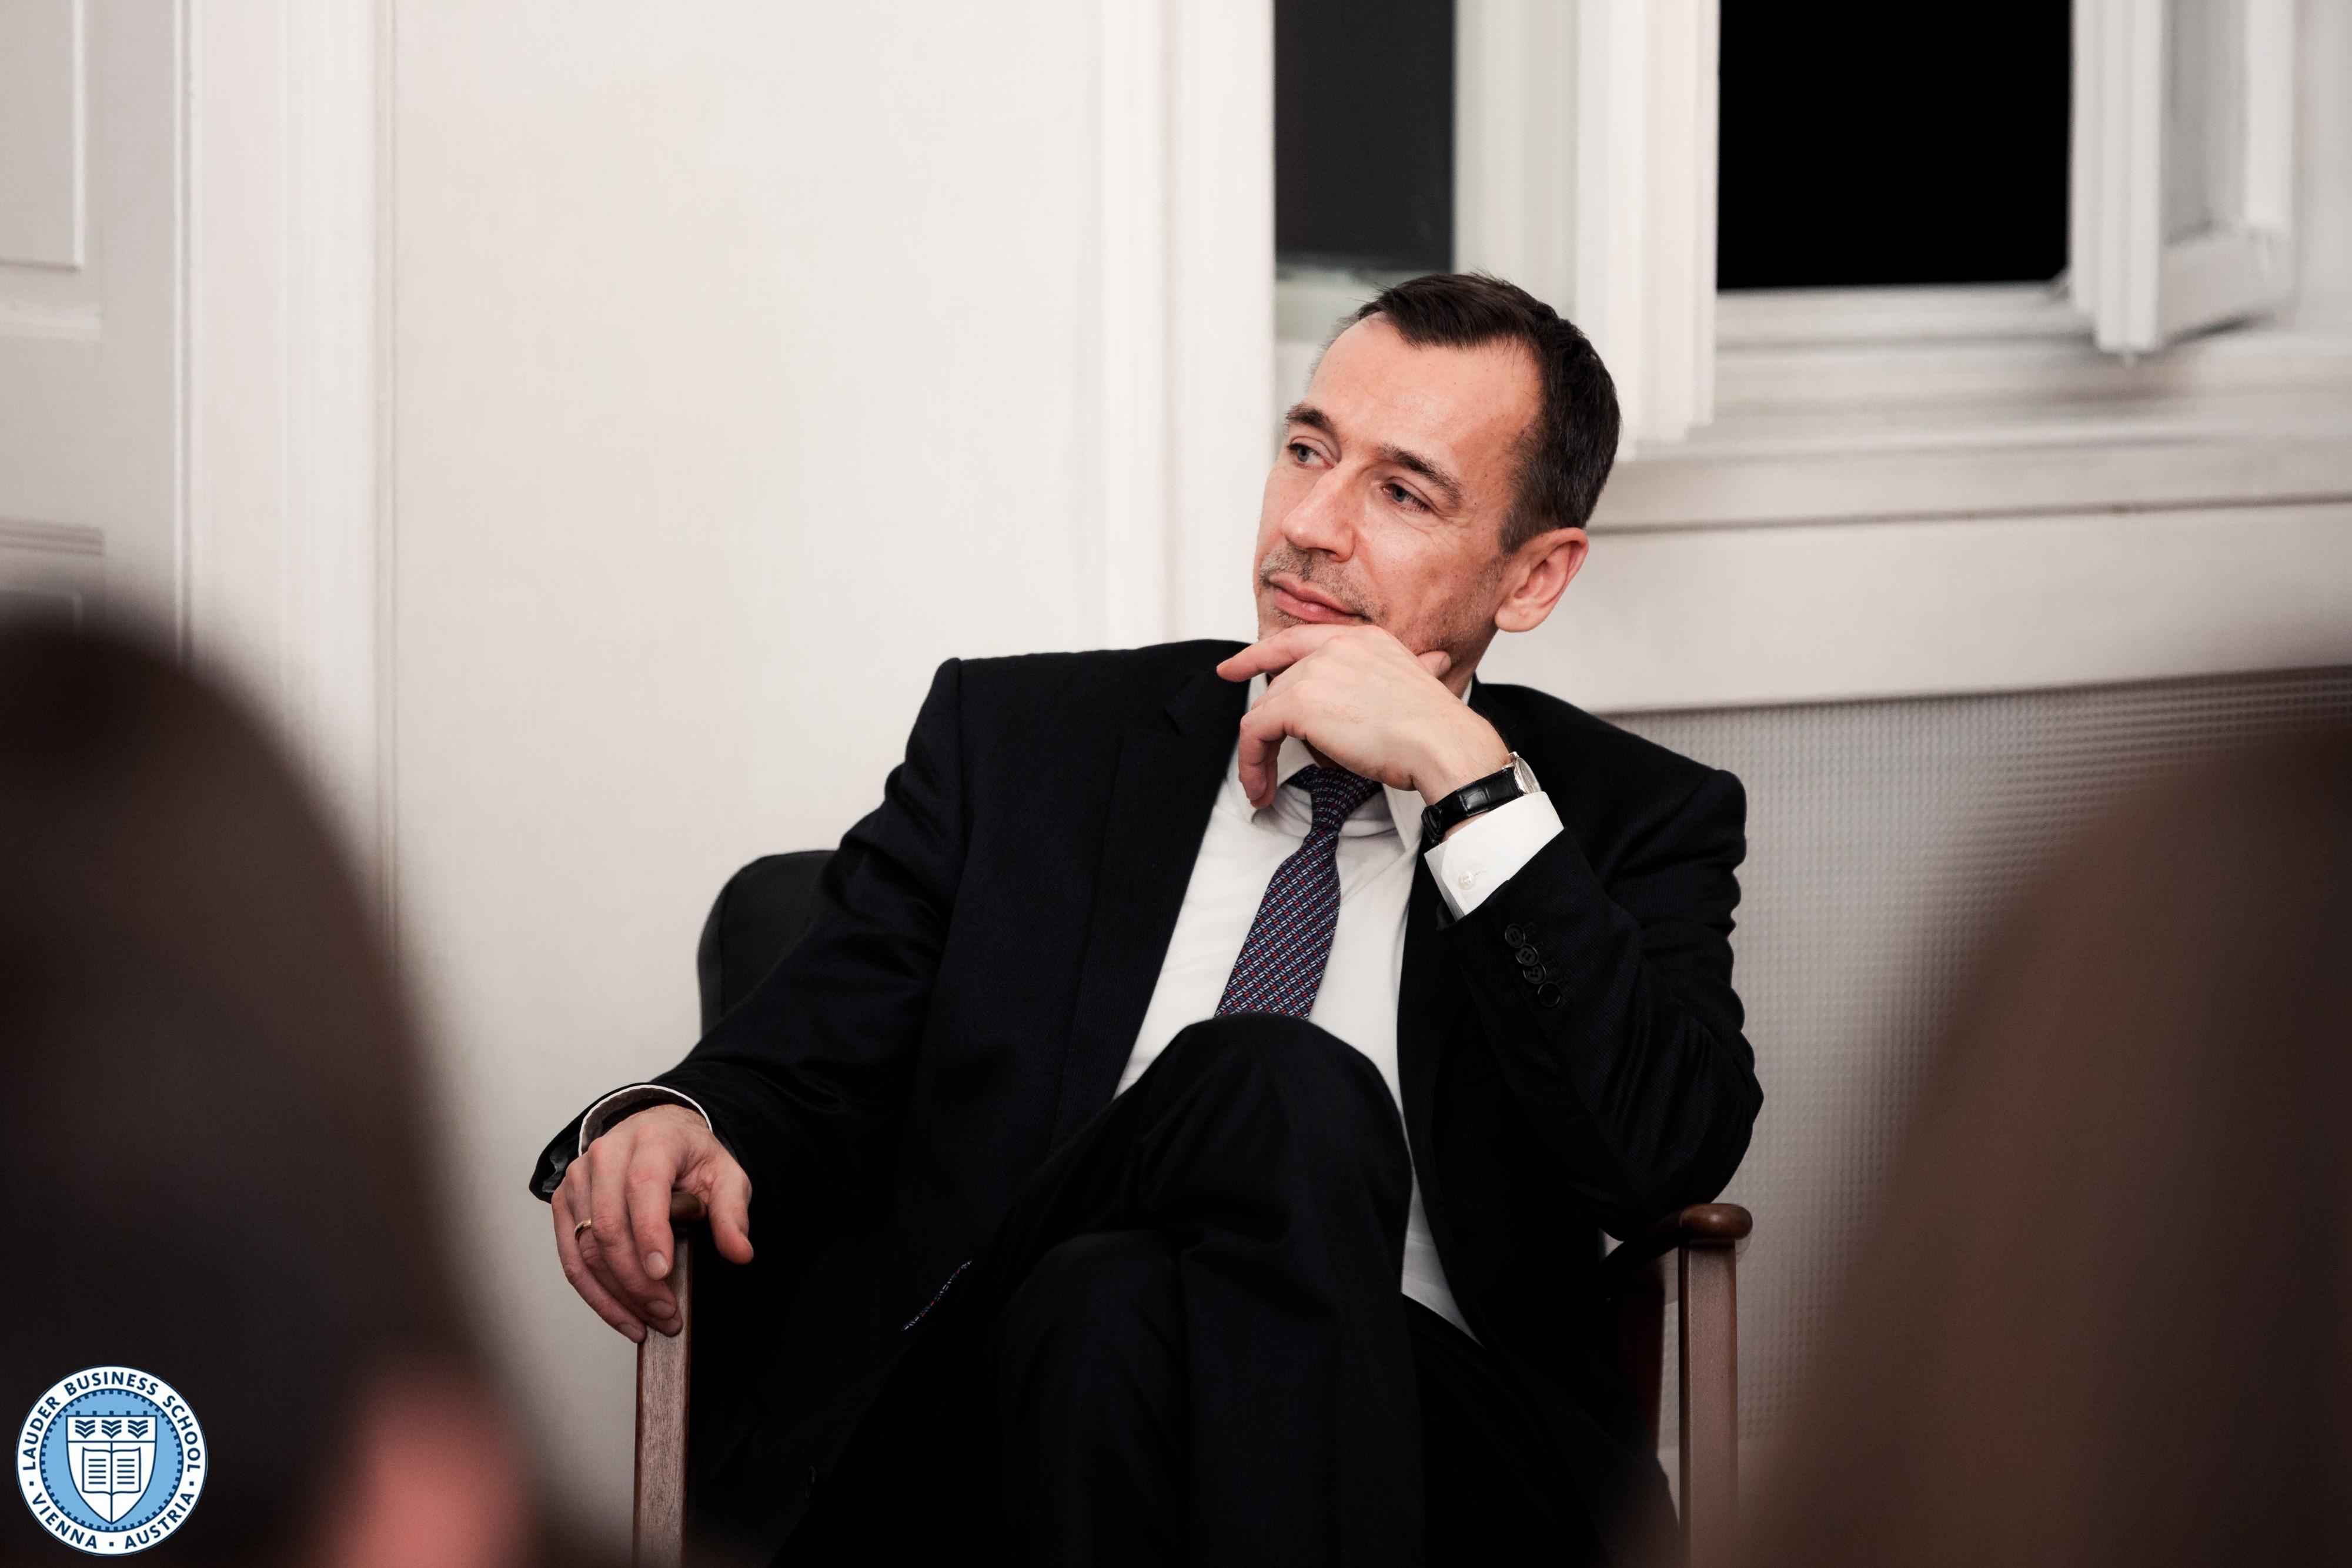 Alexander Mr. Zirkler, LBS Executive Director